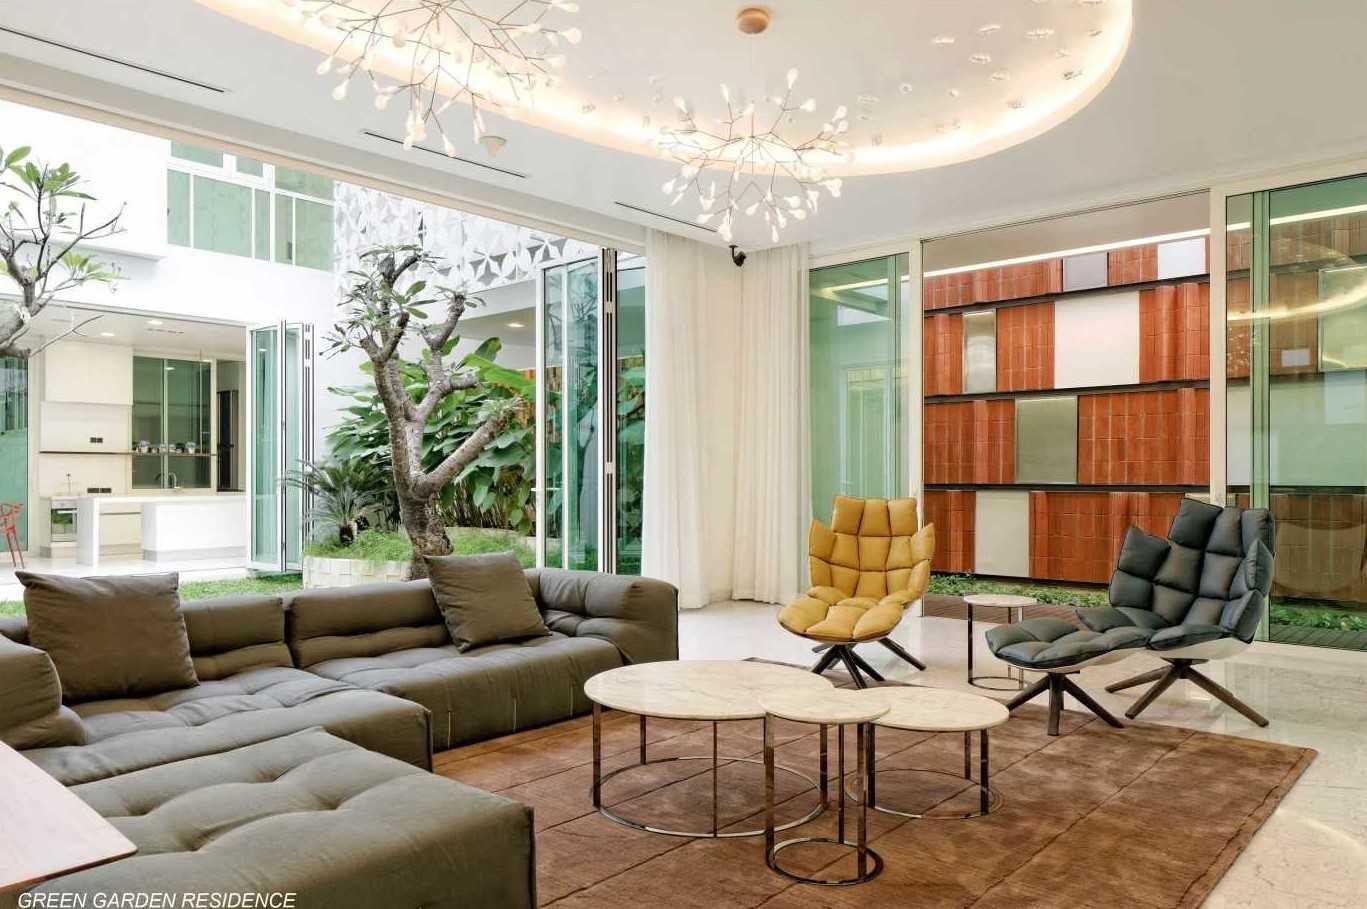 Atelier Cosmas Gozali Green Garden Residence West Jakarta West Jakarta Living Room Kontemporer  31273